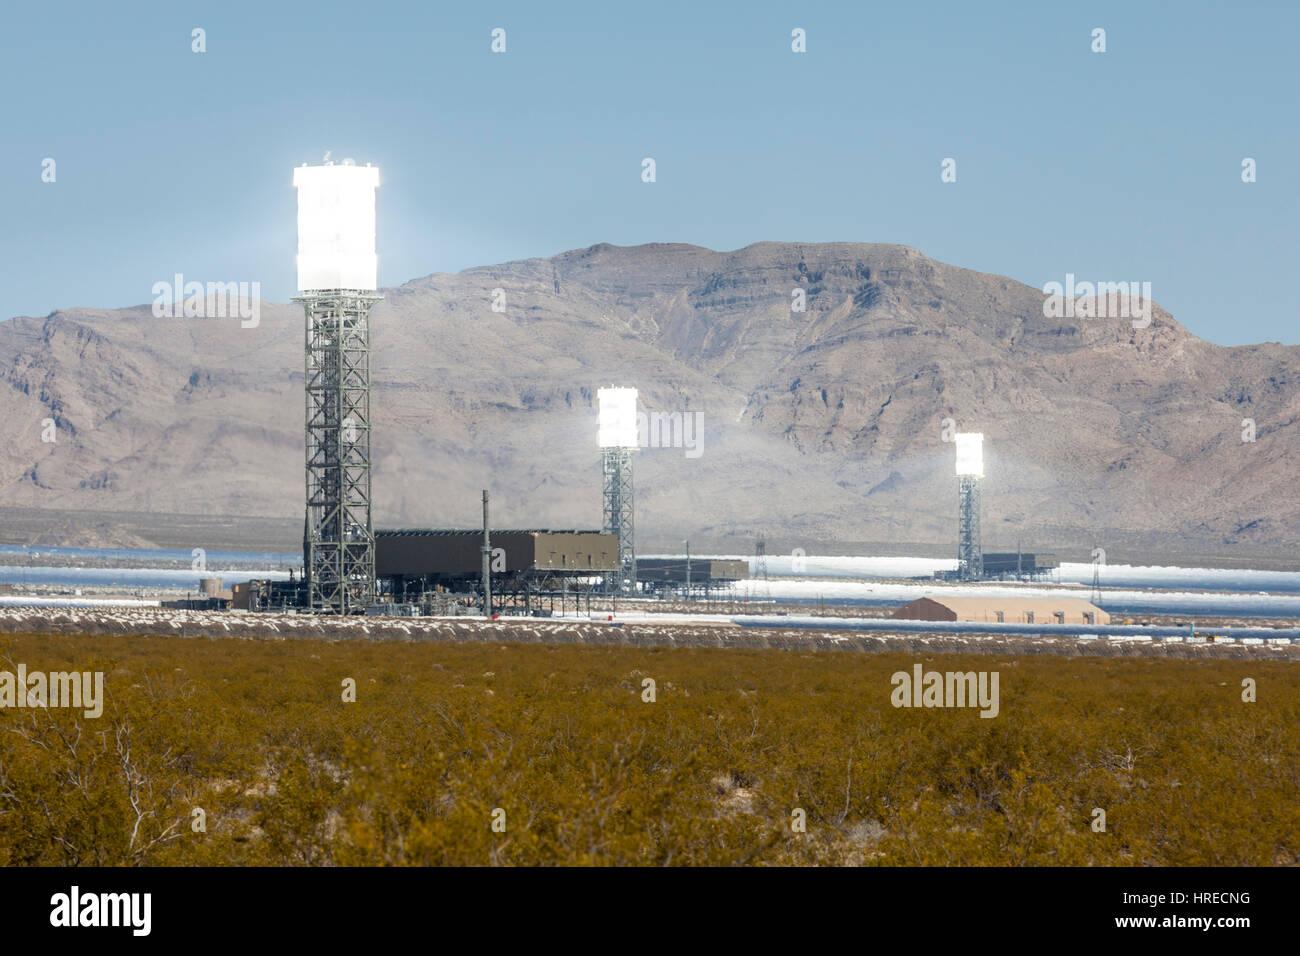 Ivanpah, California, USA - 14 mai 2014: Blanc sex tours à la nouvelle 392 mégawatts opérationnelle Photo Stock